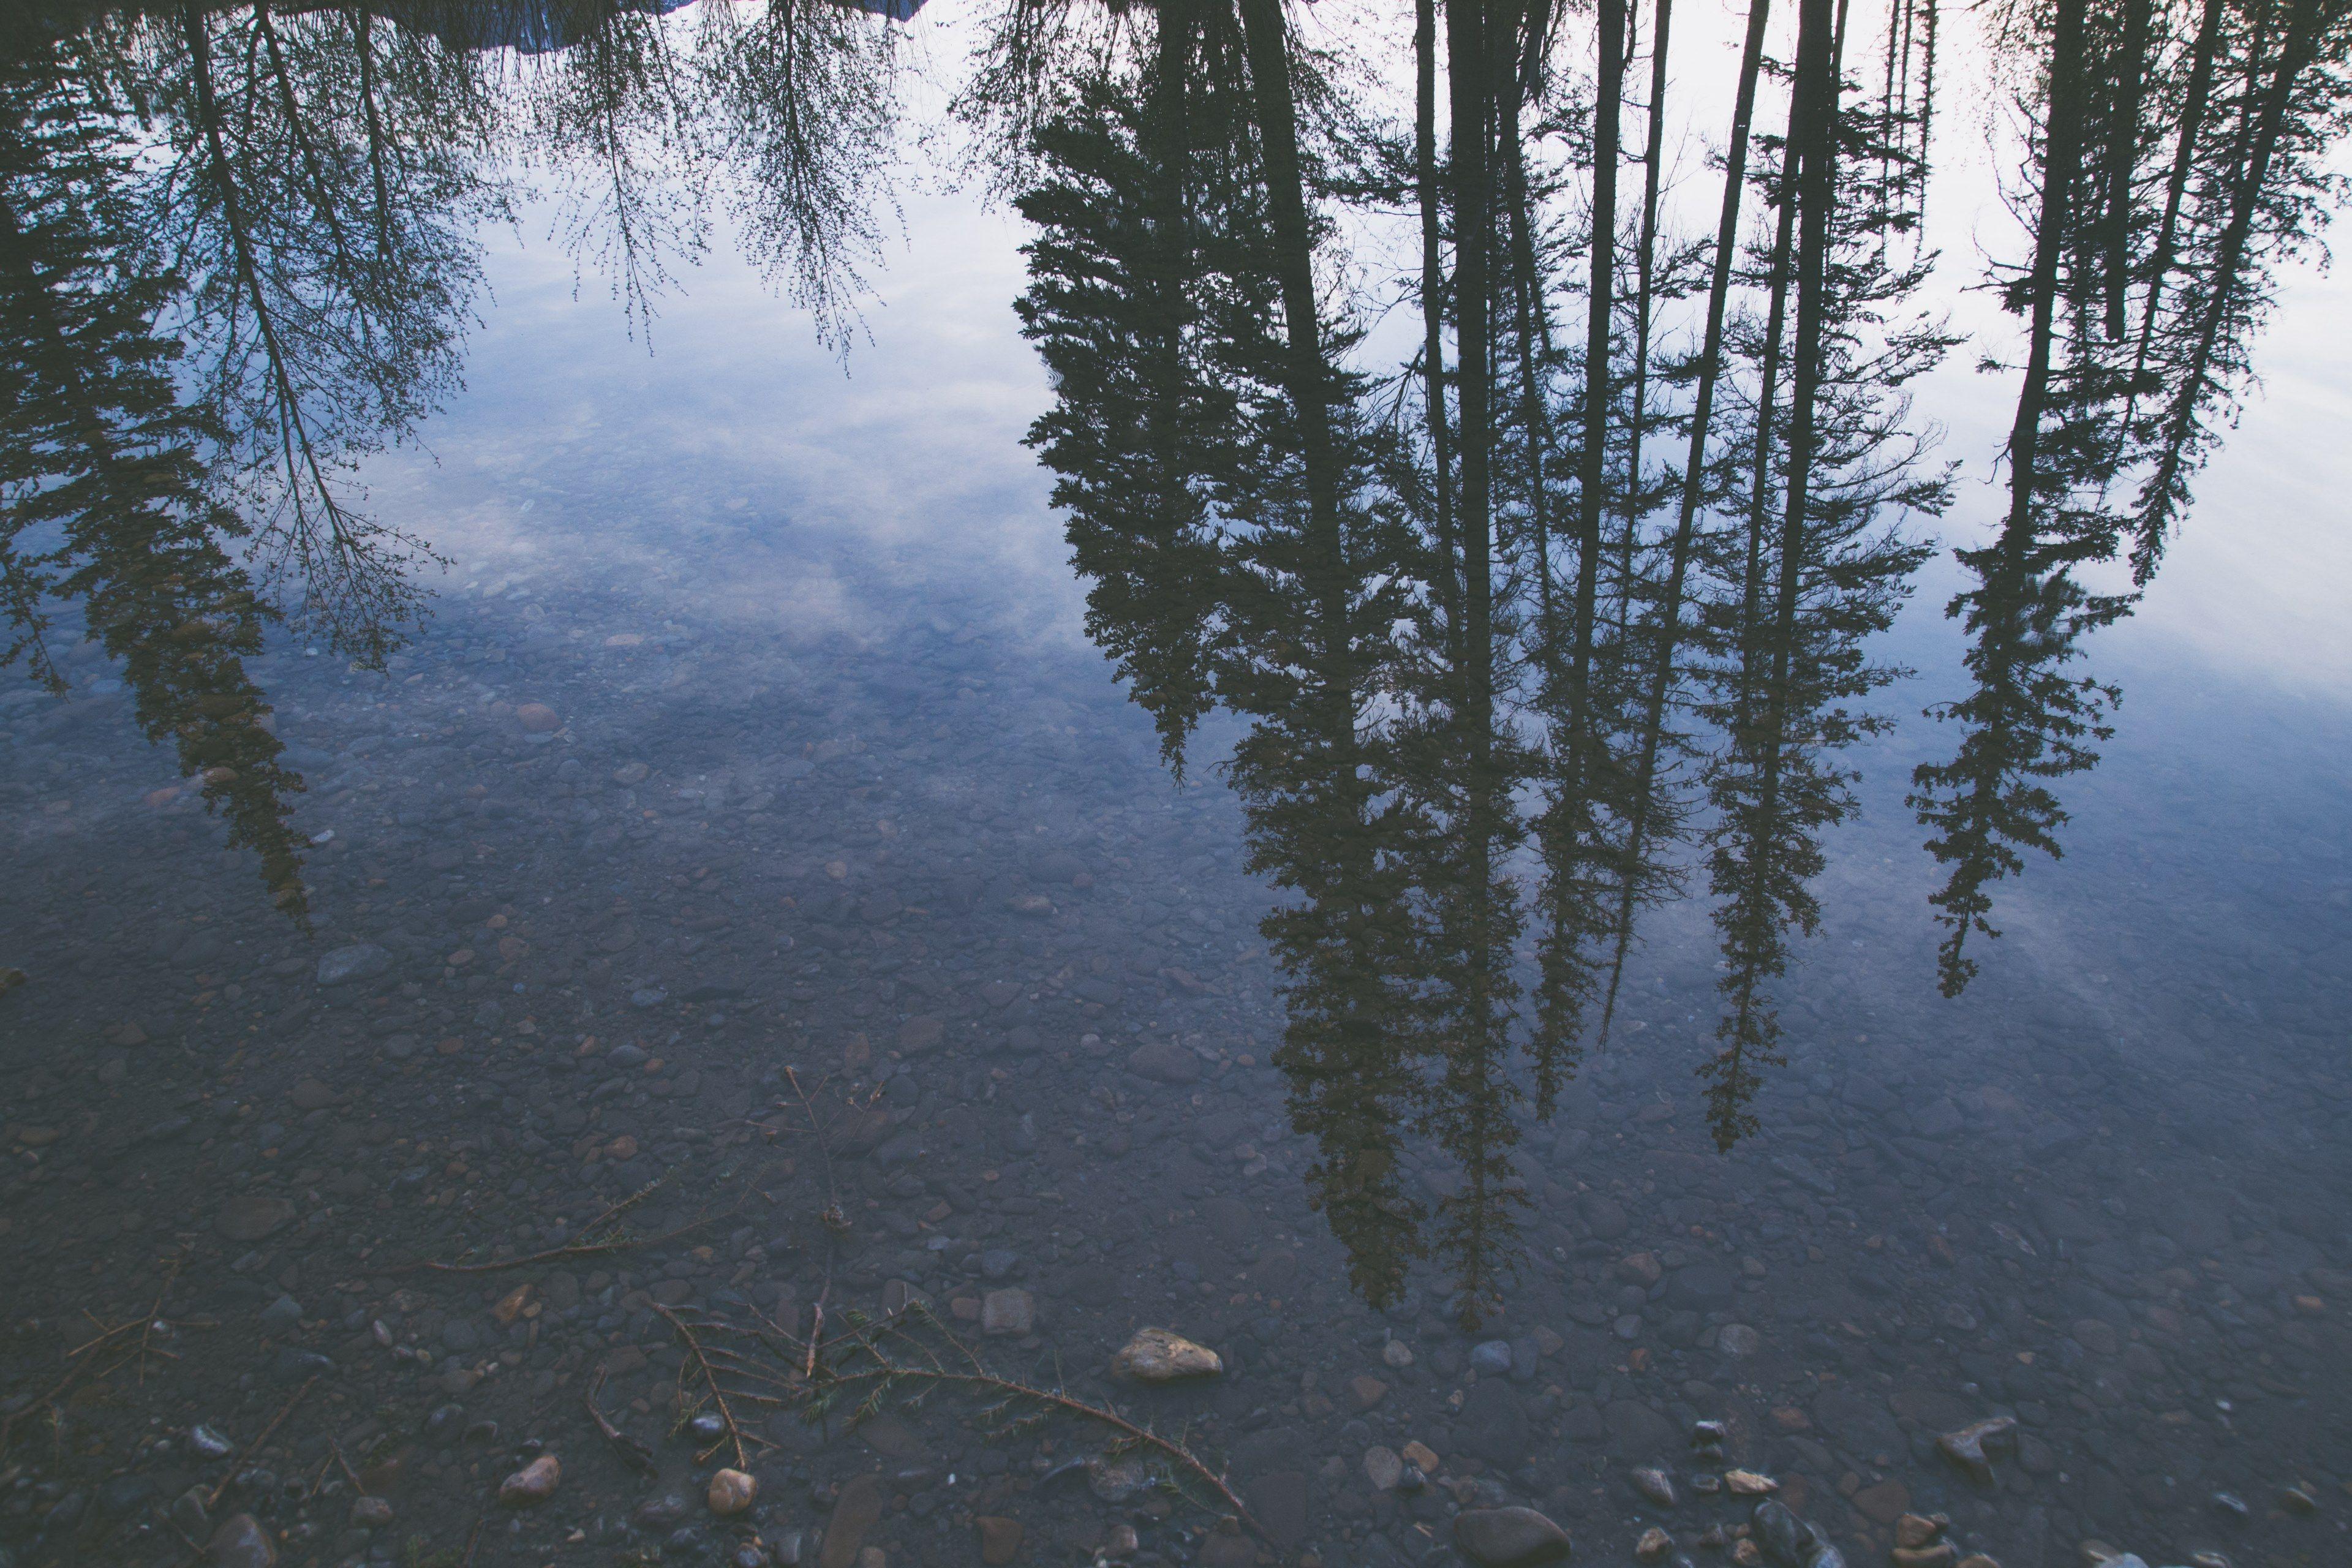 4K Serene Landscapes Wallpapers - Top Free 4K Serene ...